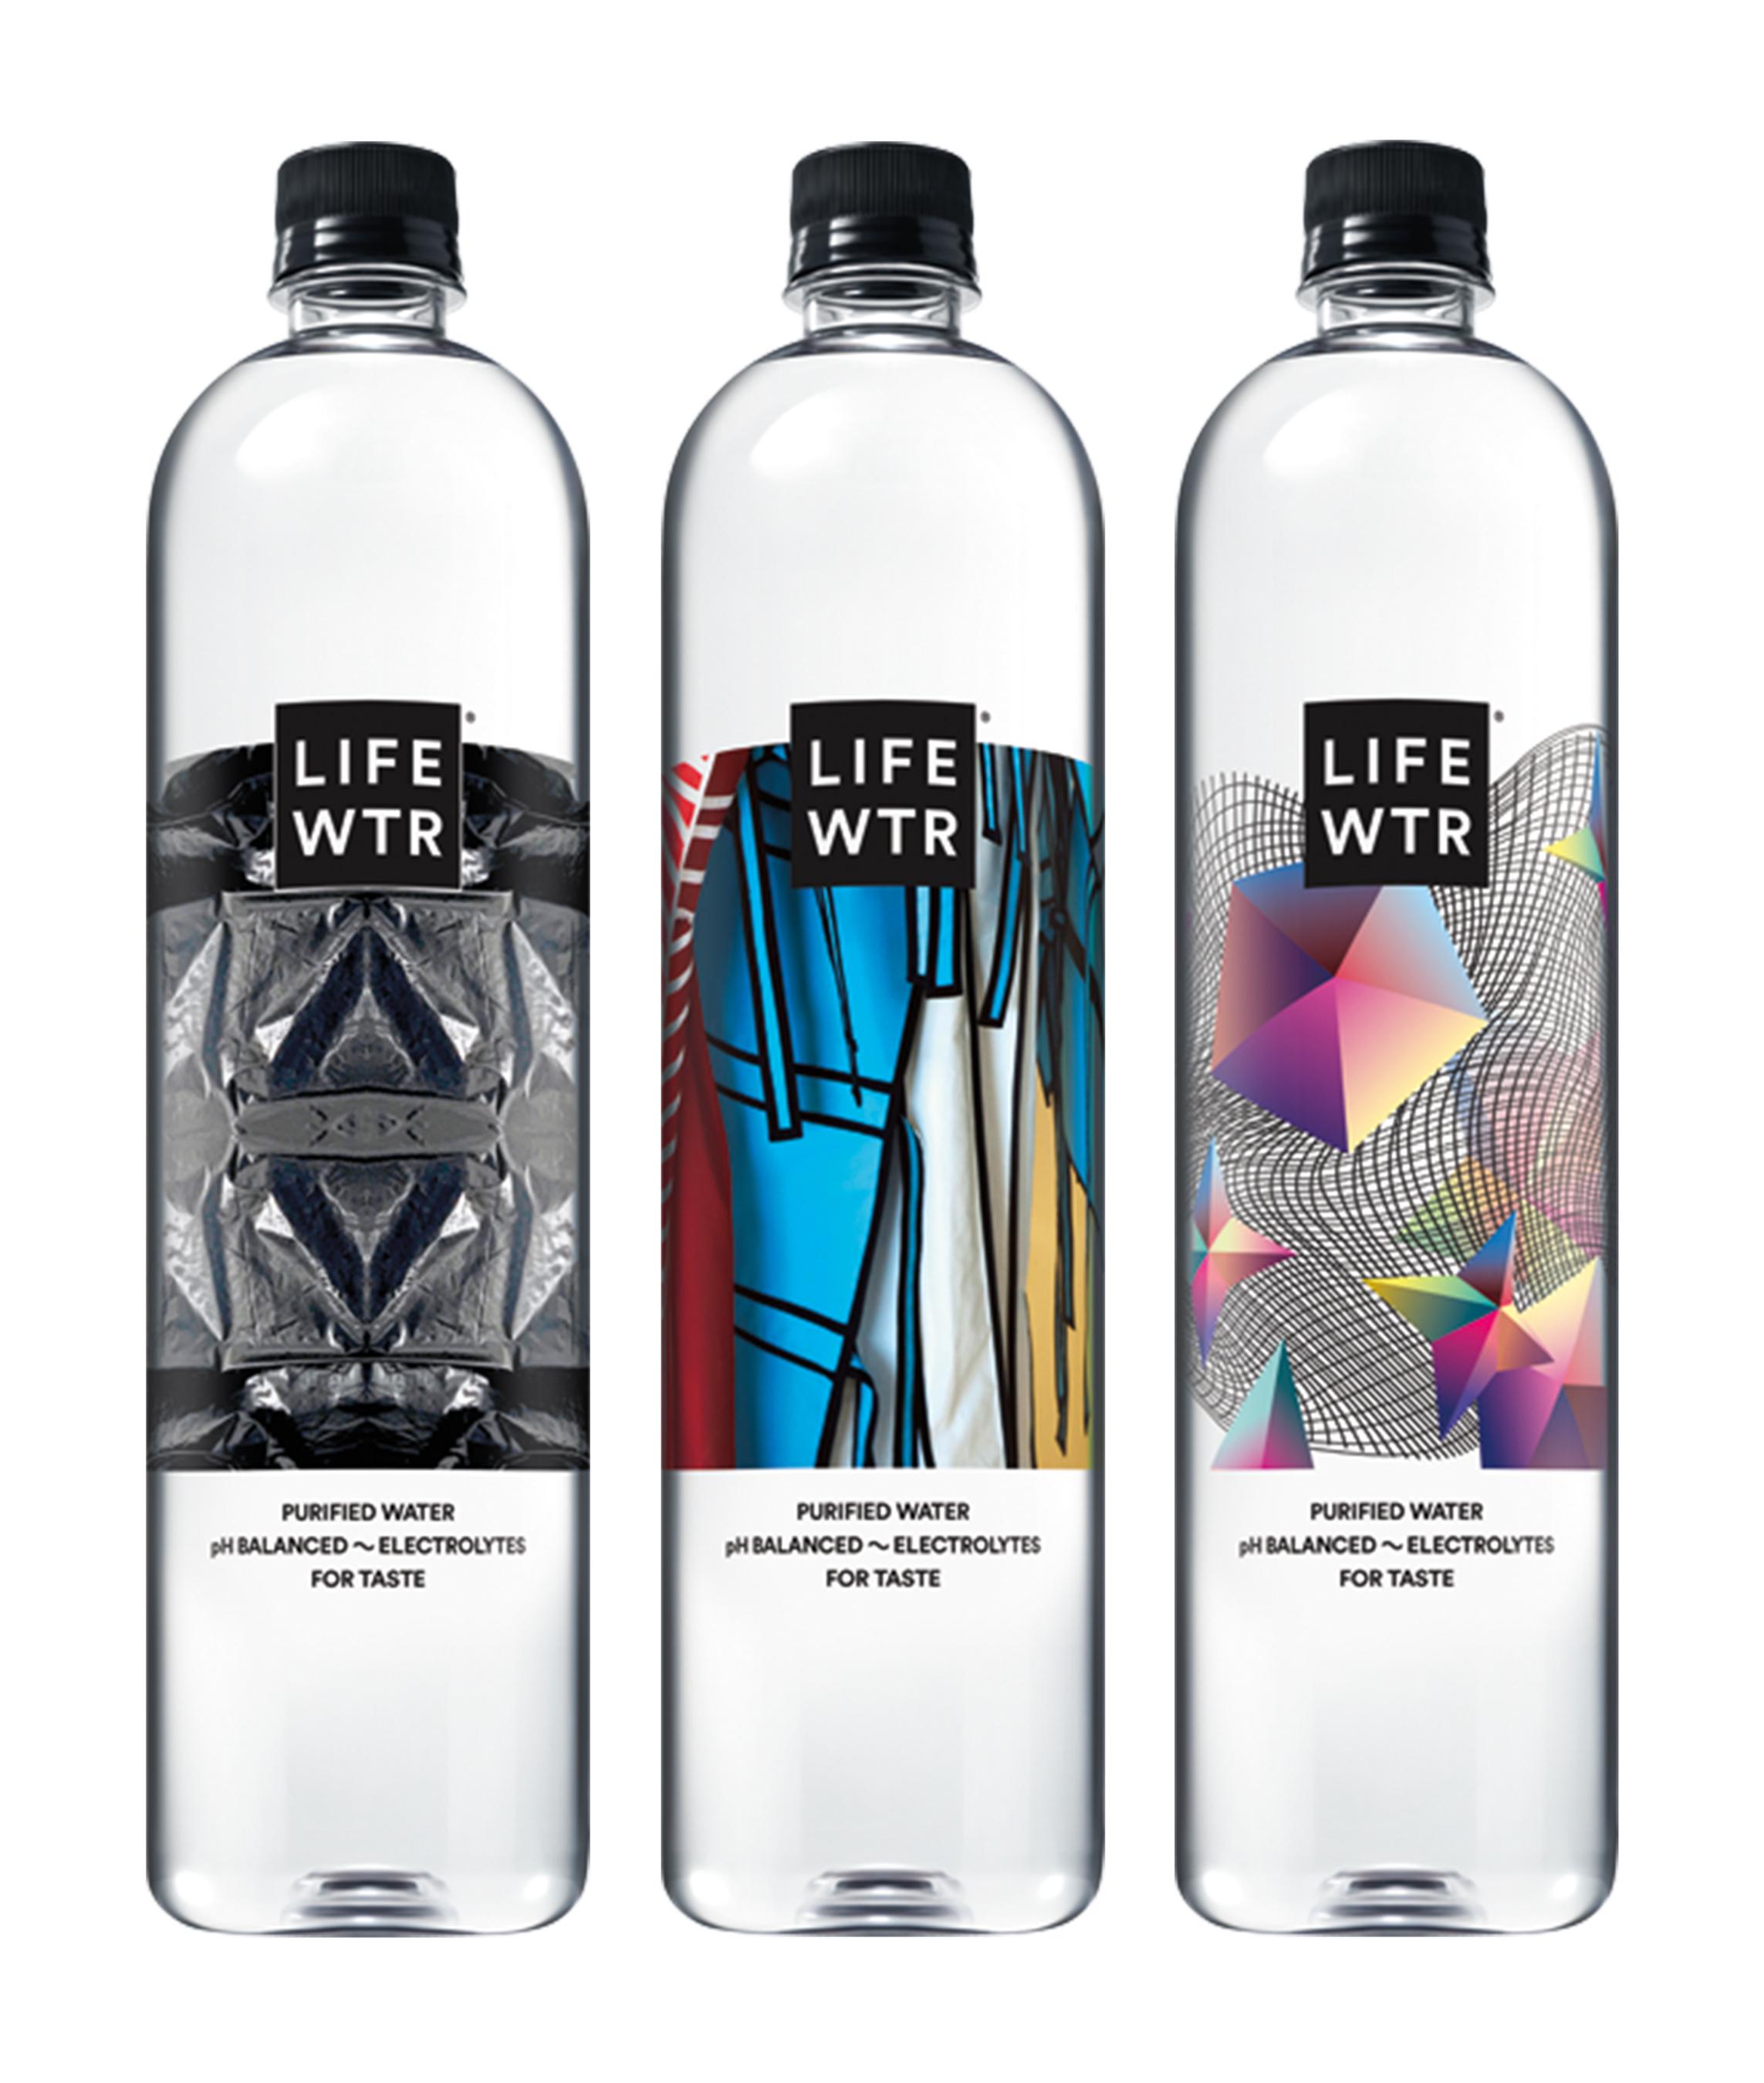 LIFEWTR Series 6 Bottles